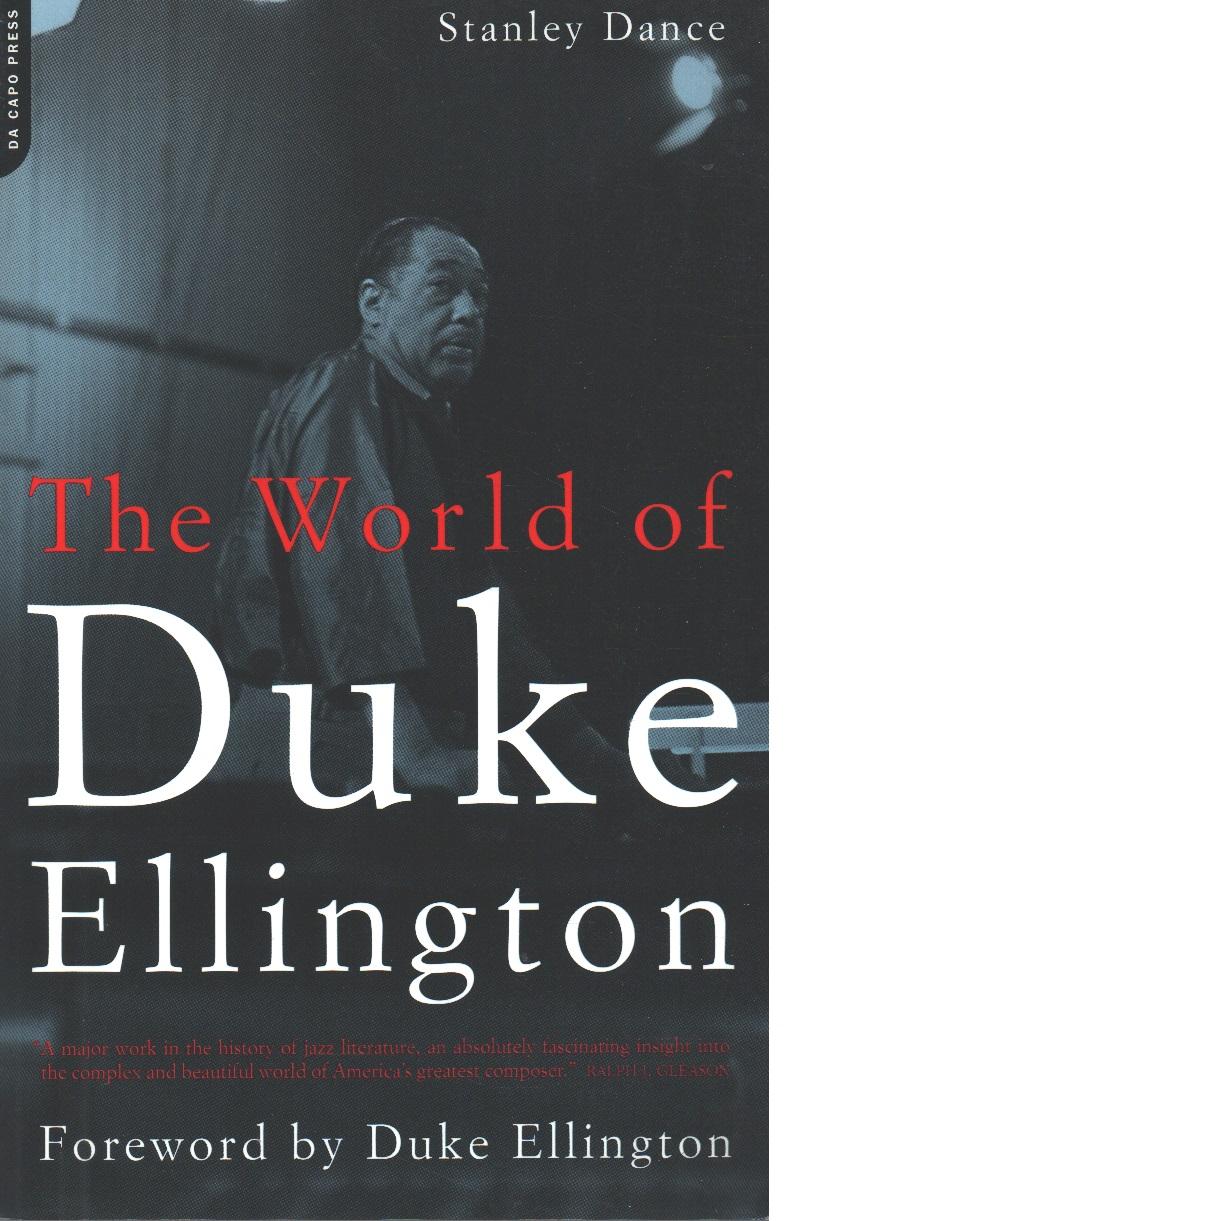 The World Of Duke Ellington - Dance, Stanley